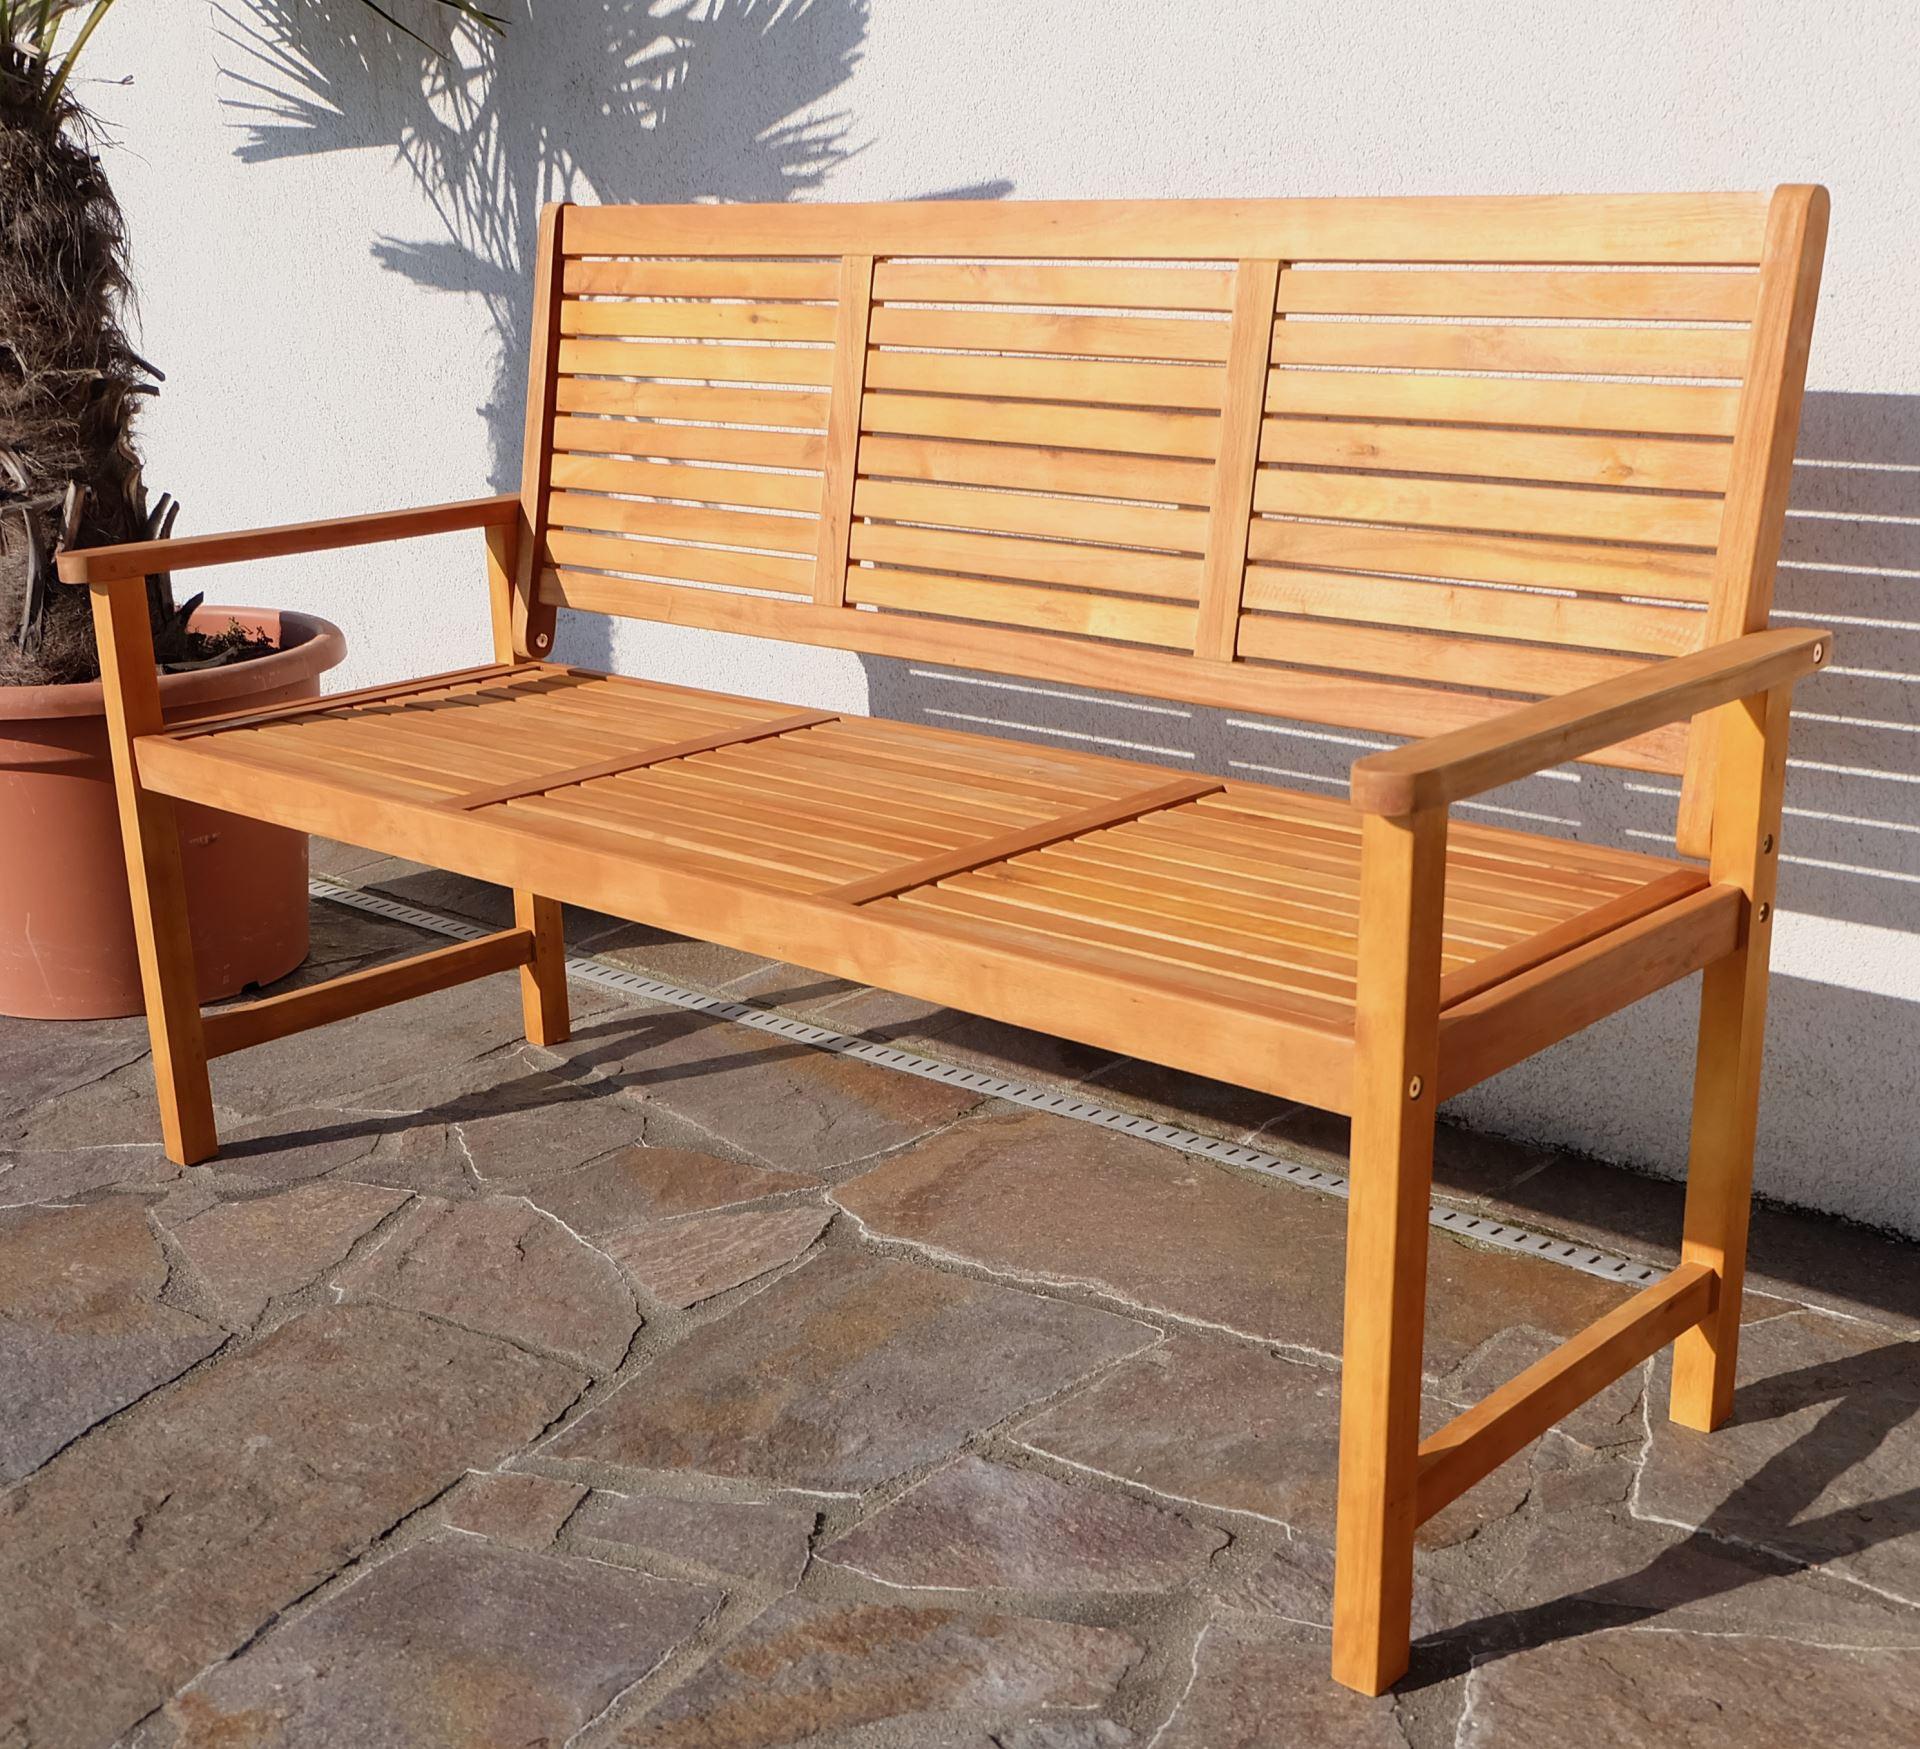 Gartenbank teak design  Design 3-Sitzer Gartenbank SARIA aus Eukalyptus wie Teak Alles für ...